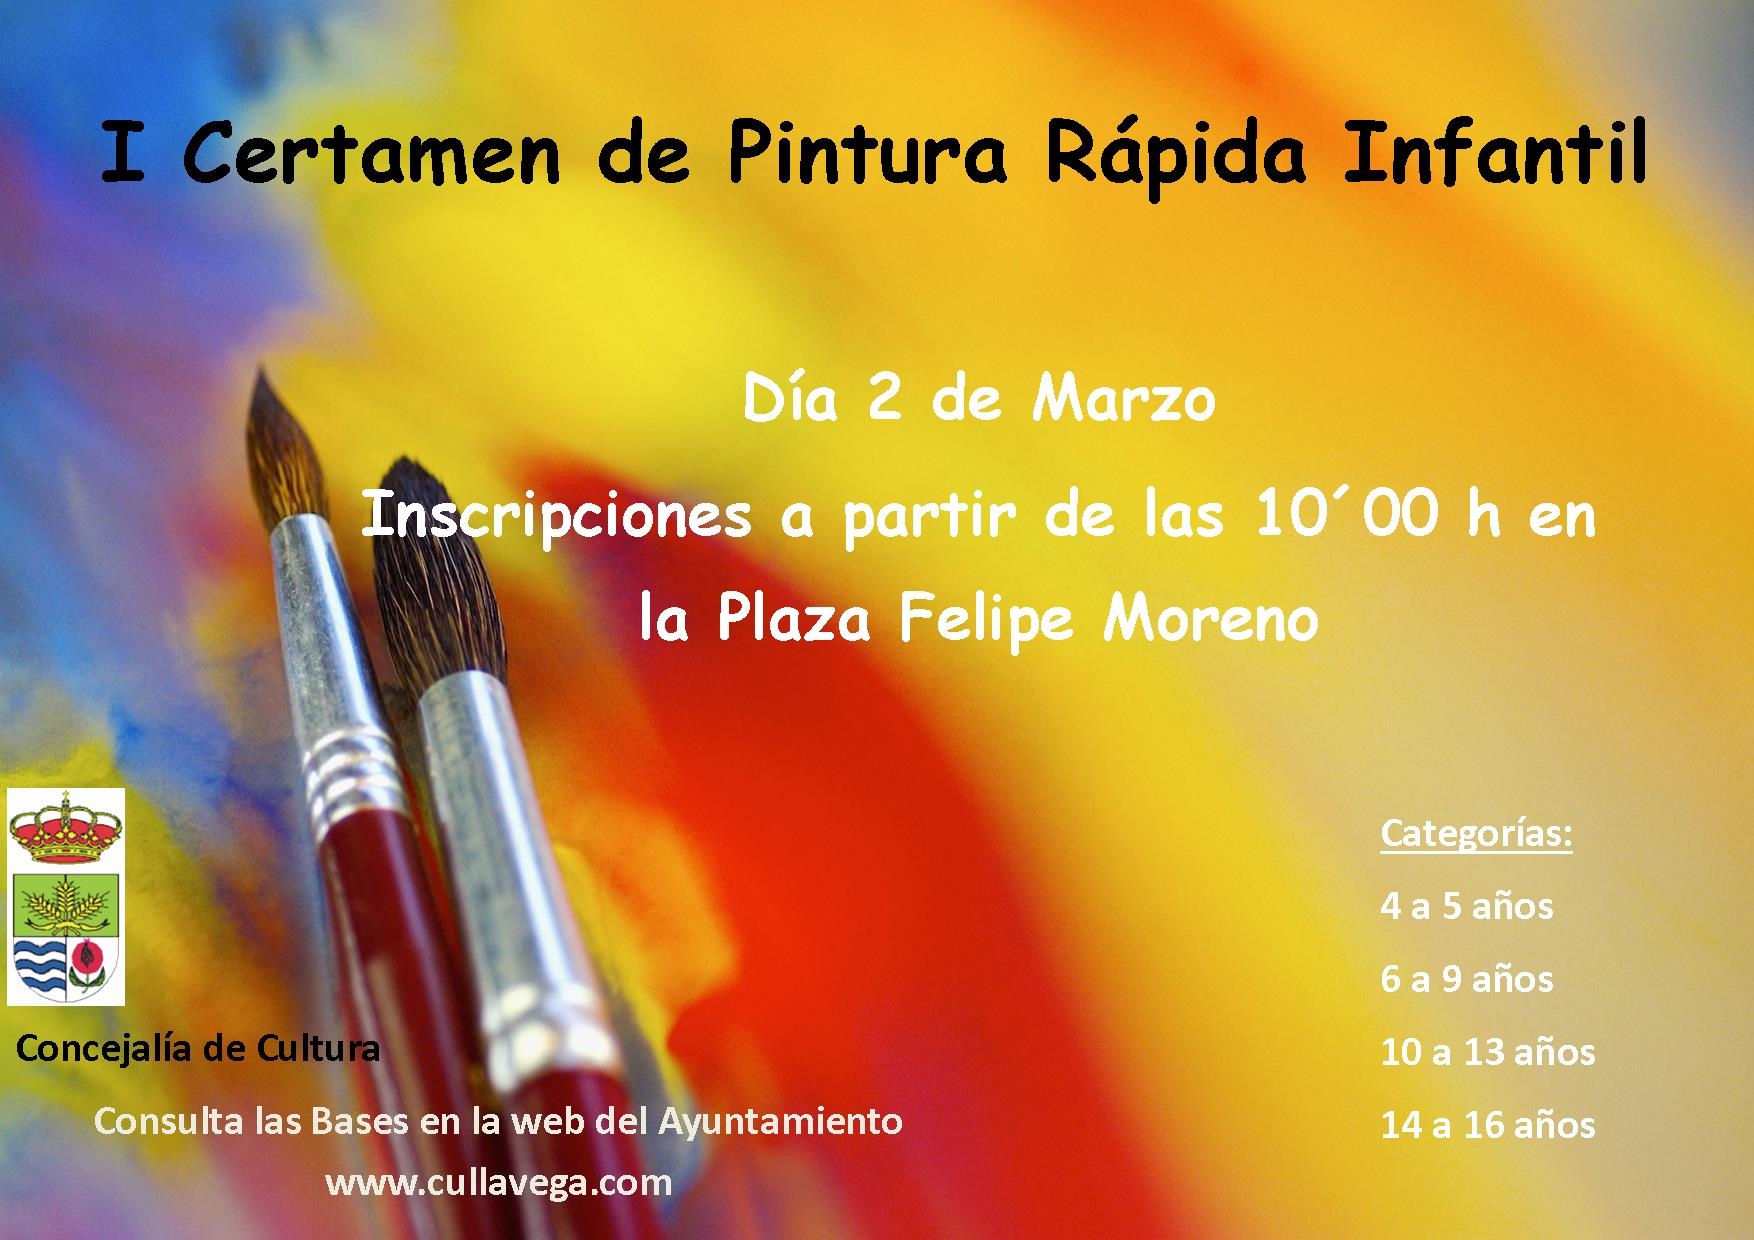 Aplazado el I Certamen de Pintura rápida Infantil y Juvenil de Cúllar Vega al 2 de Marzo